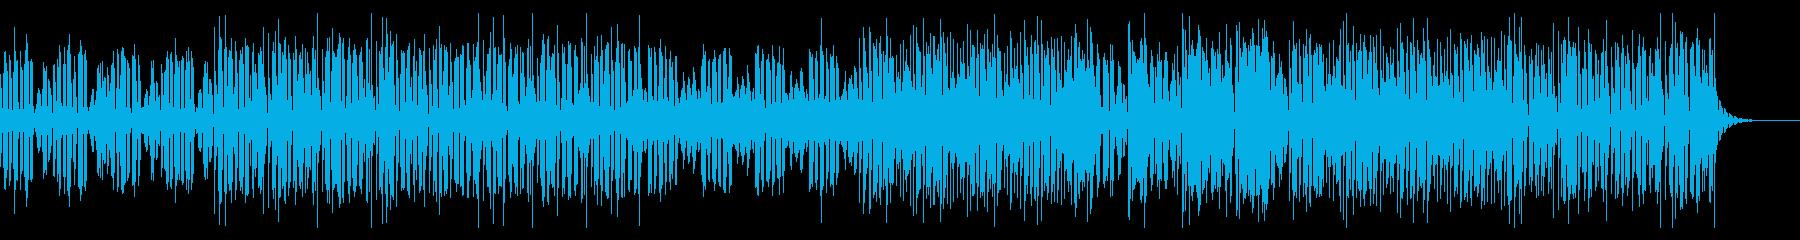 サスペンス・ミステリーの雰囲気エレクトロの再生済みの波形